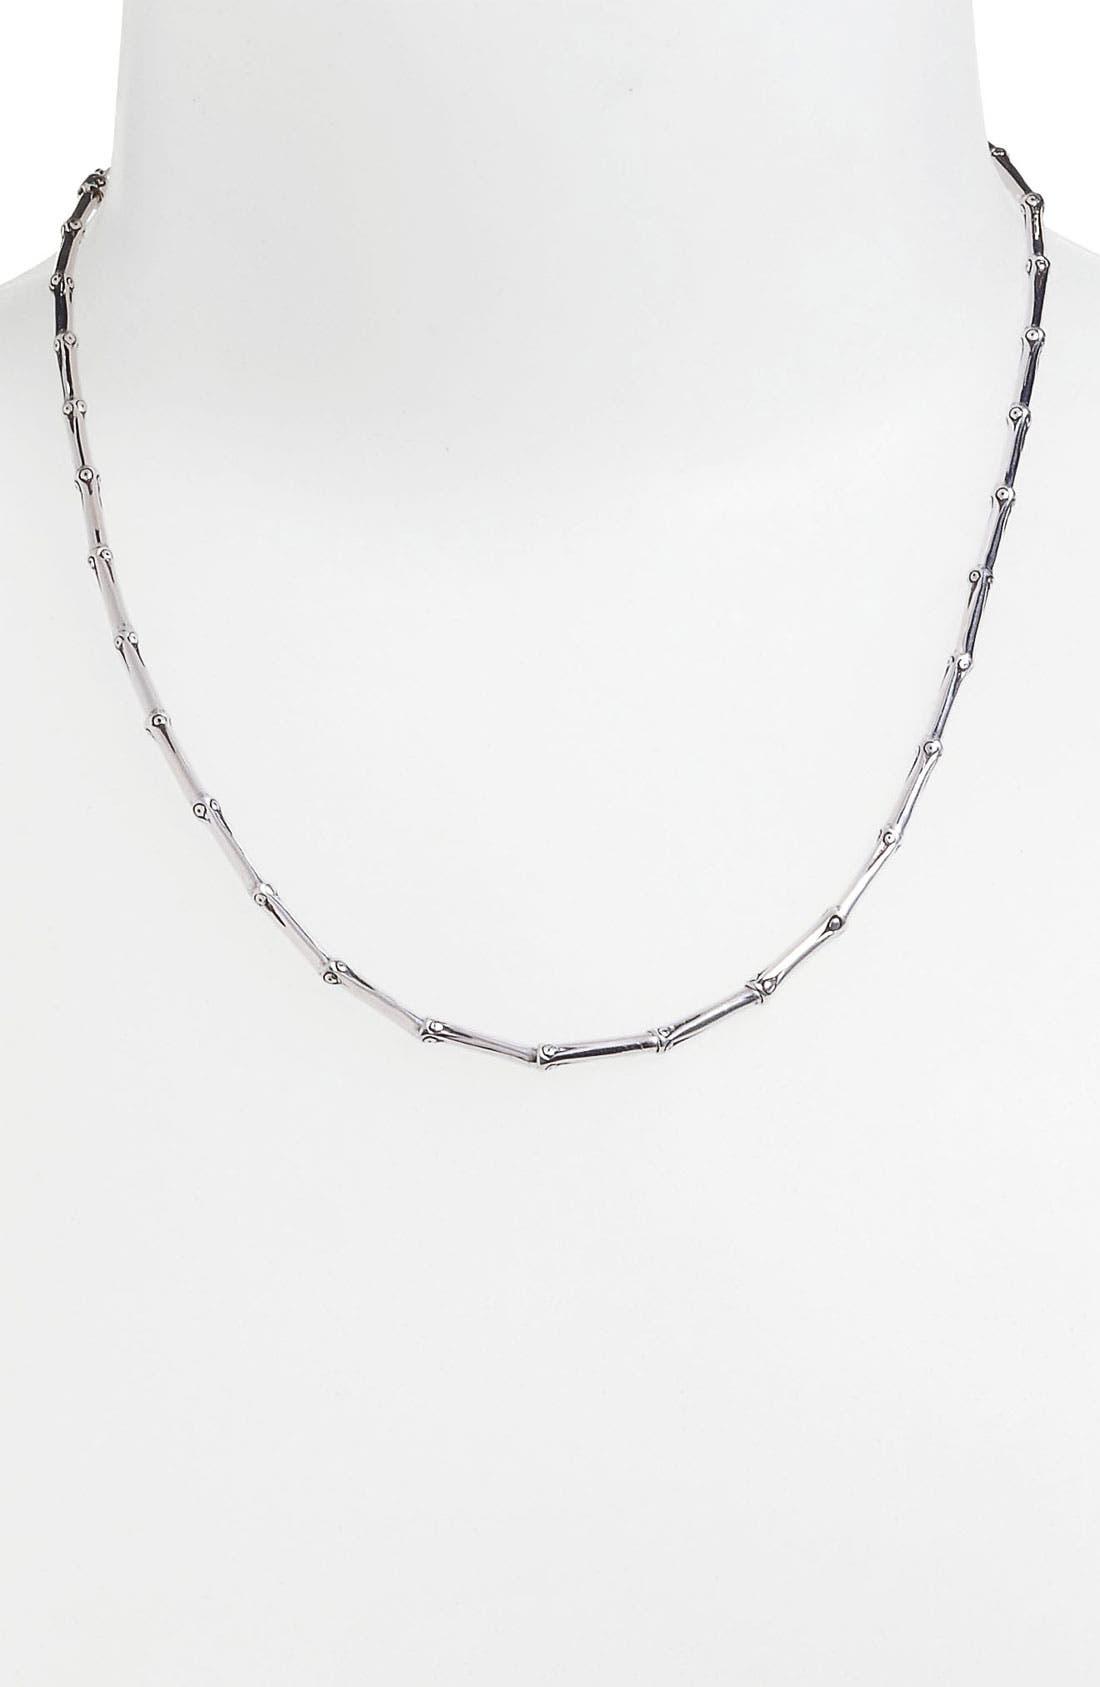 Main Image - John Hardy 'Bamboo' Single Row Necklace